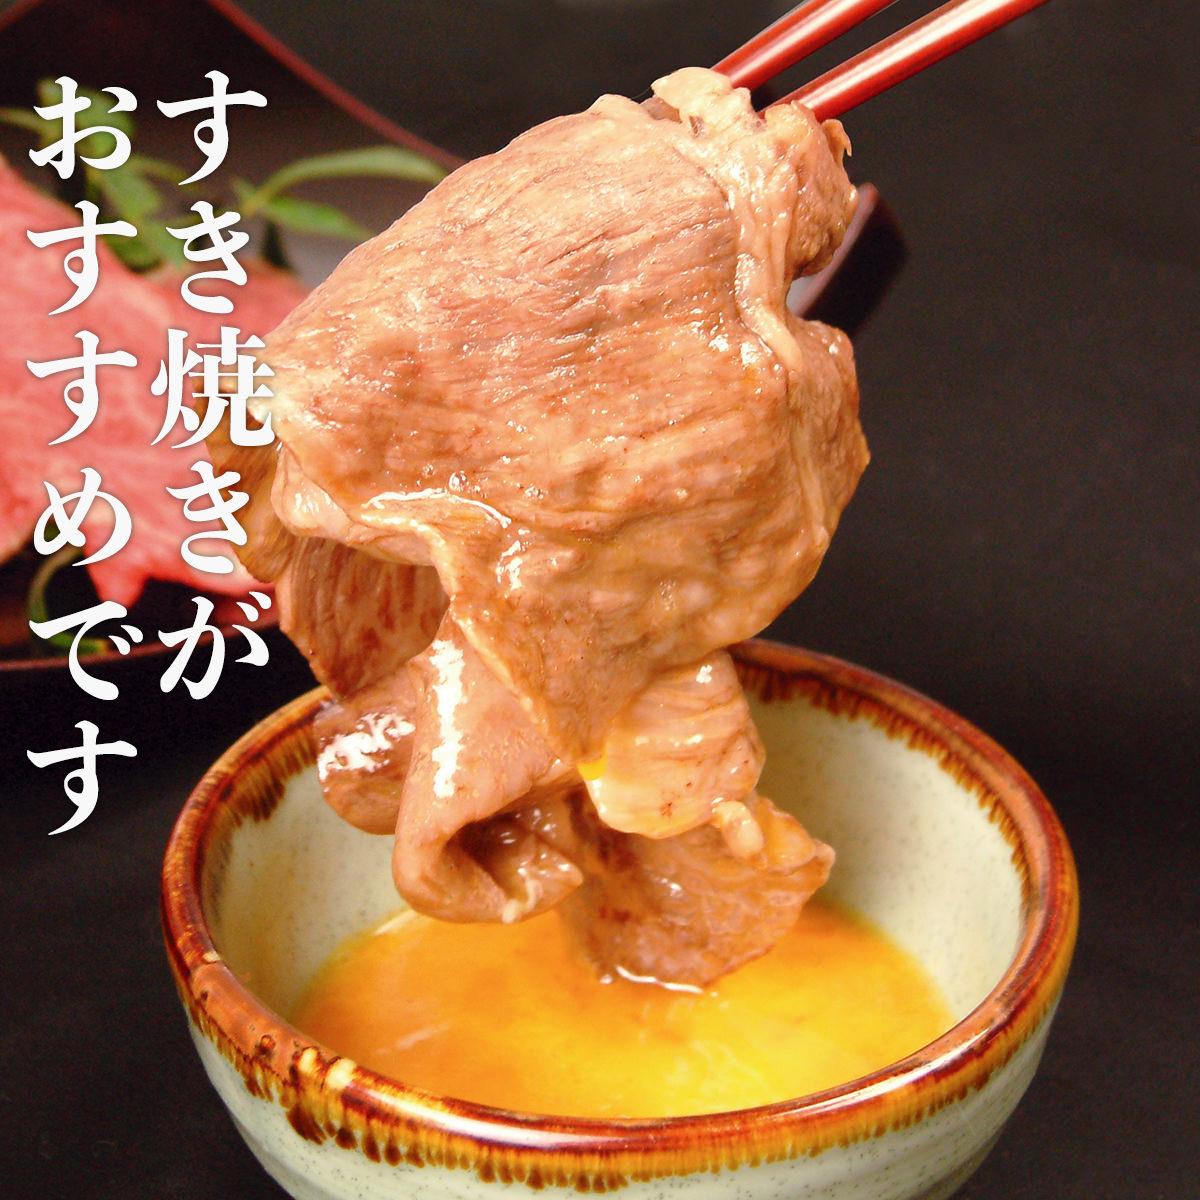 松阪牛A5 リブロース すき焼き用200g